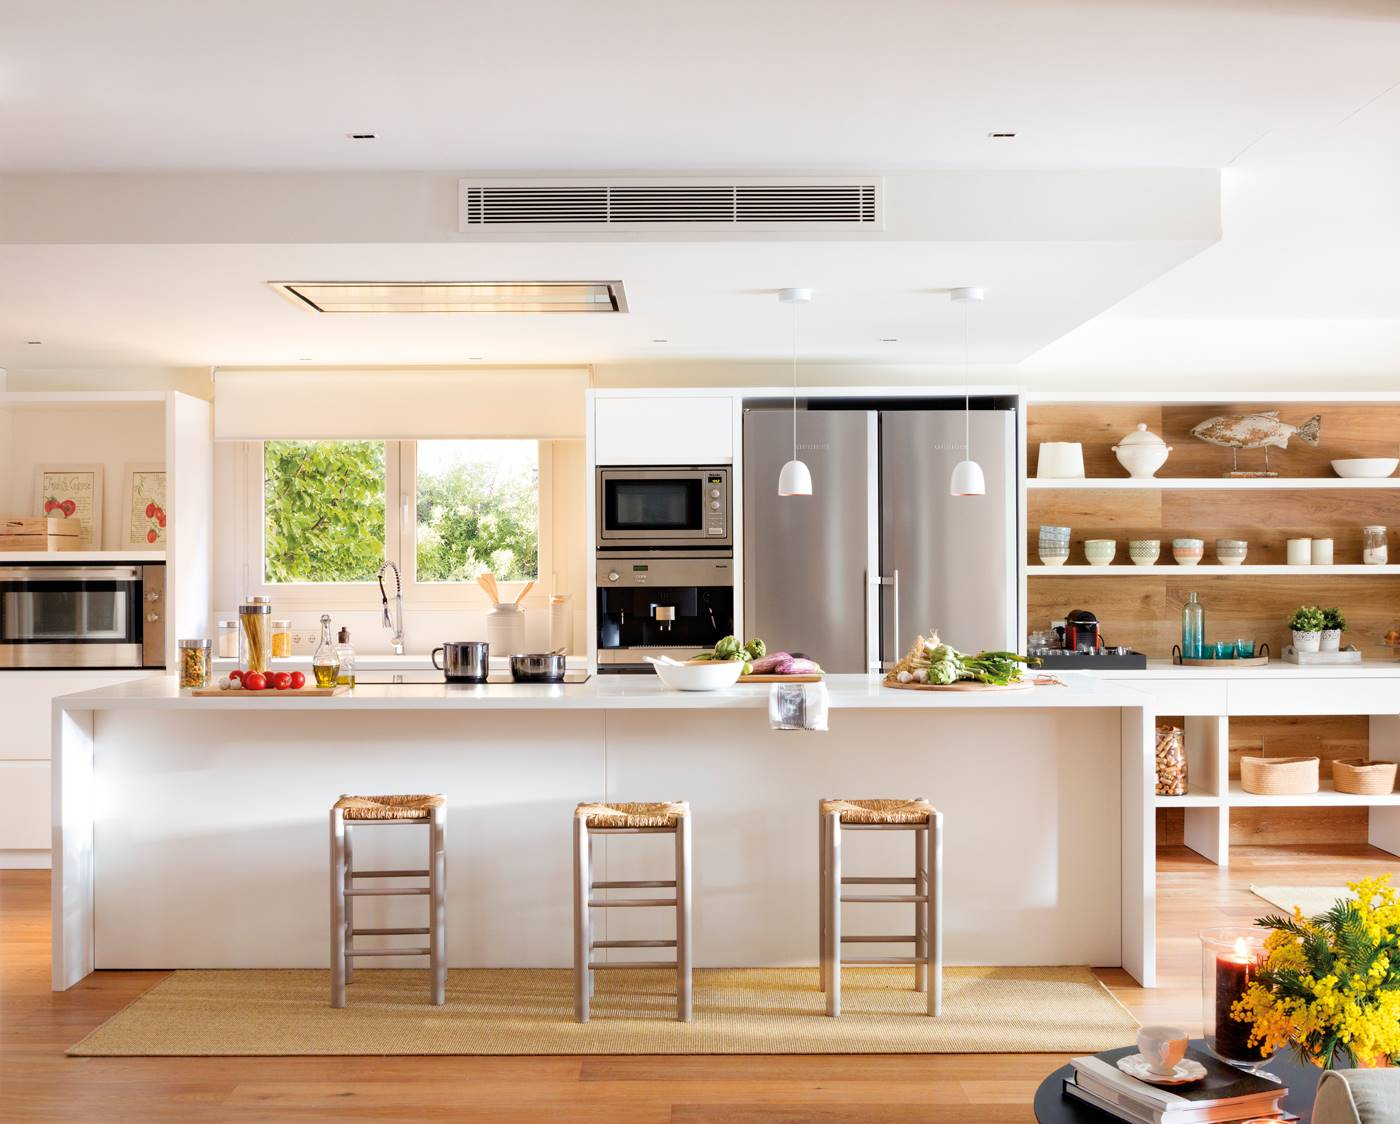 50 Cocinas Abiertas E Integradas En El Salon O Comedor